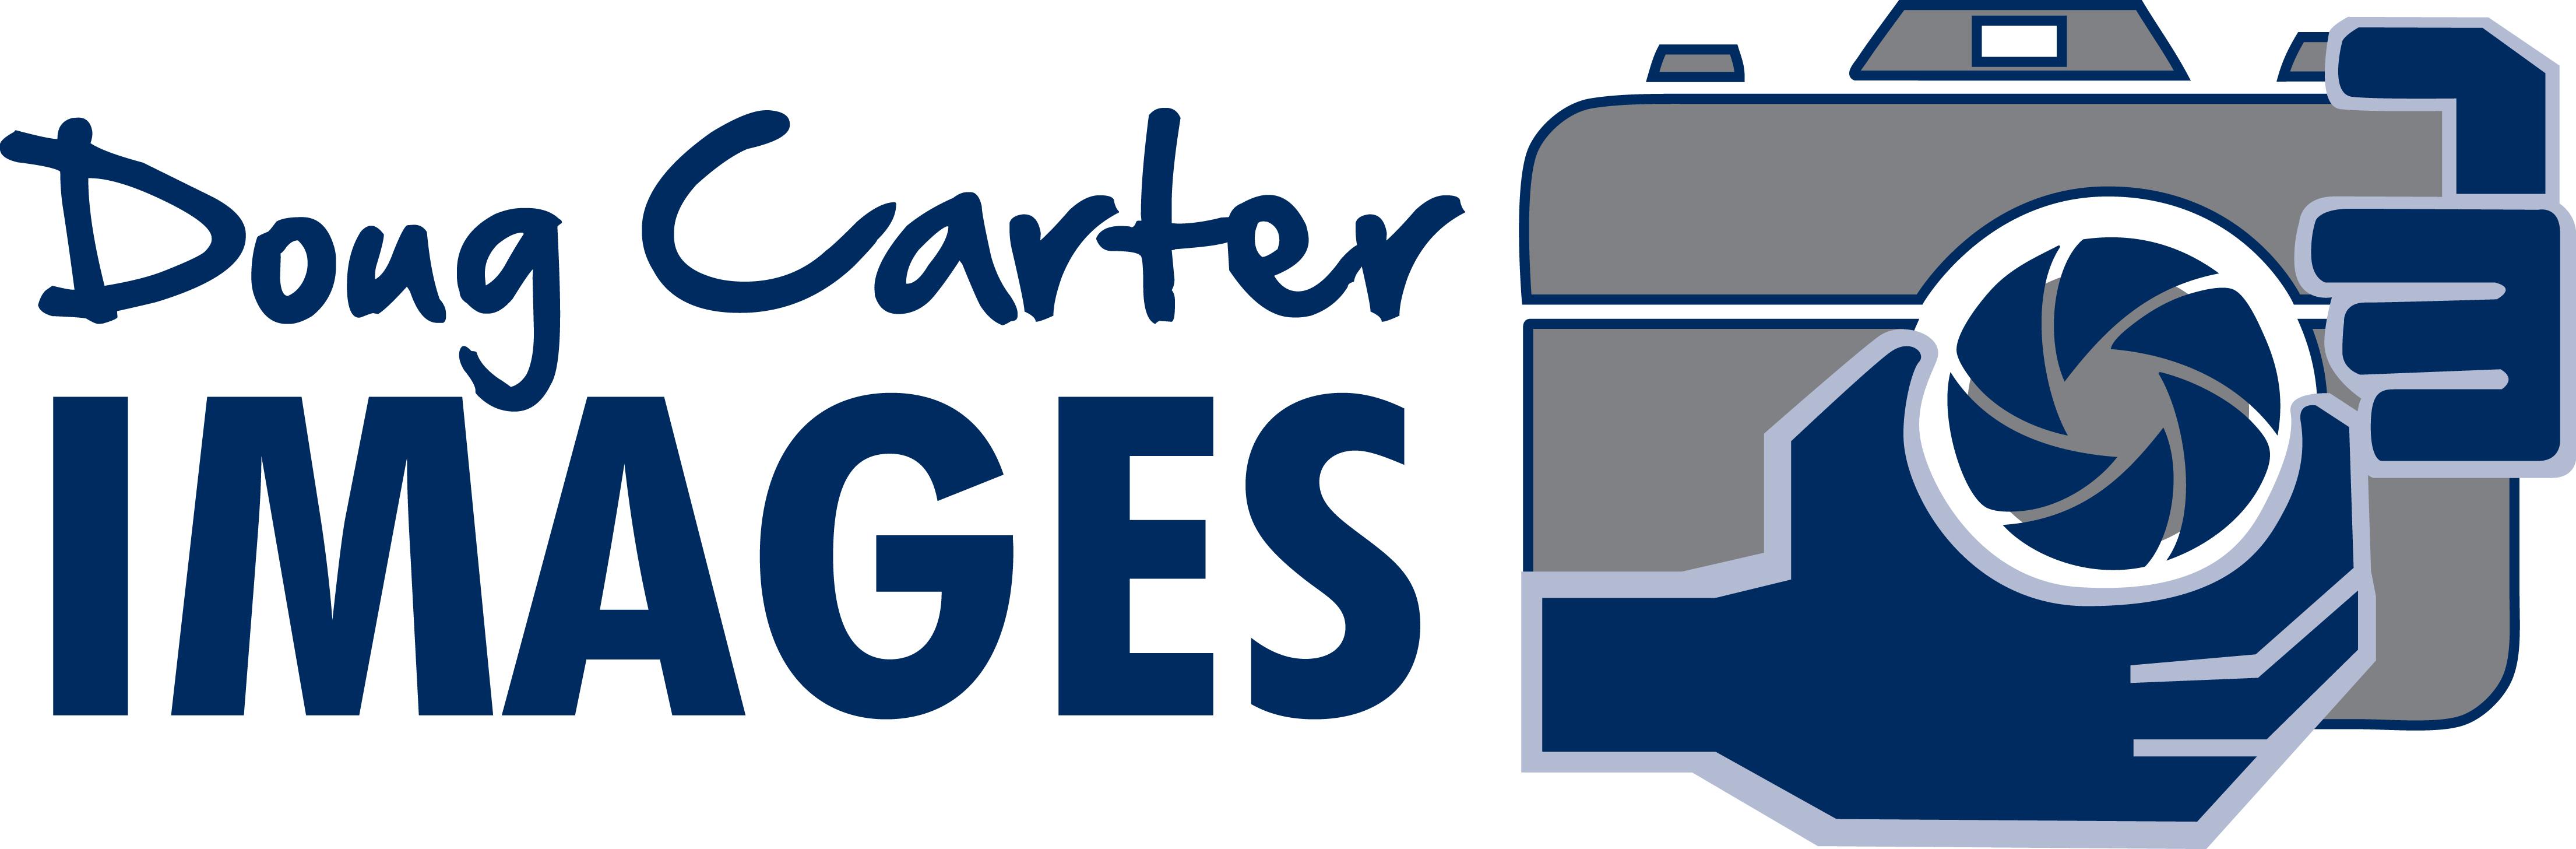 DougCarter_Logo1